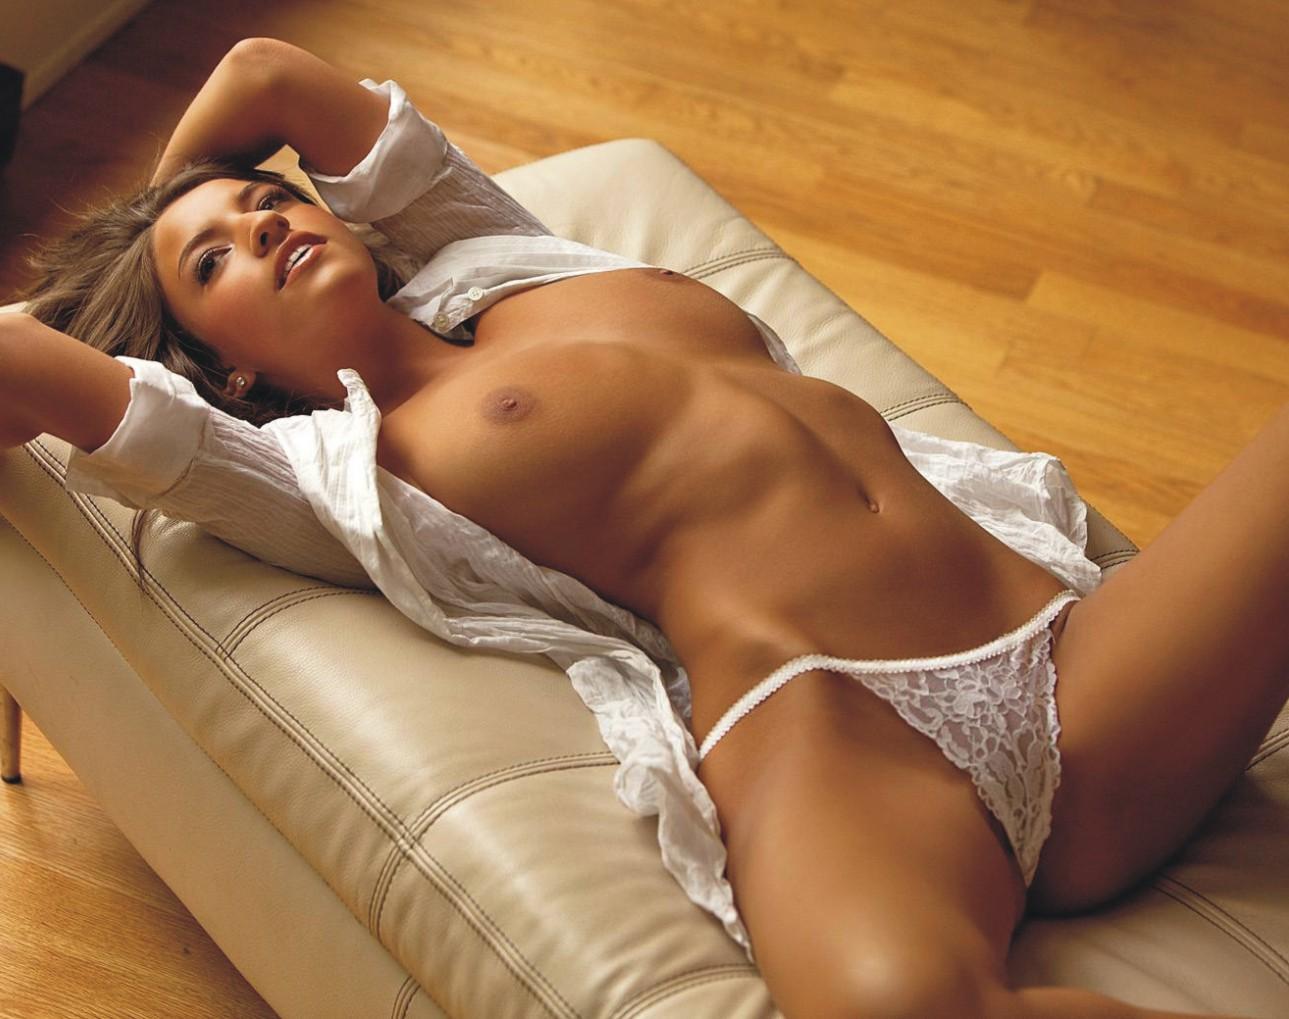 Голые телки без нижнего белья фото, смотреть видео трясет грудью